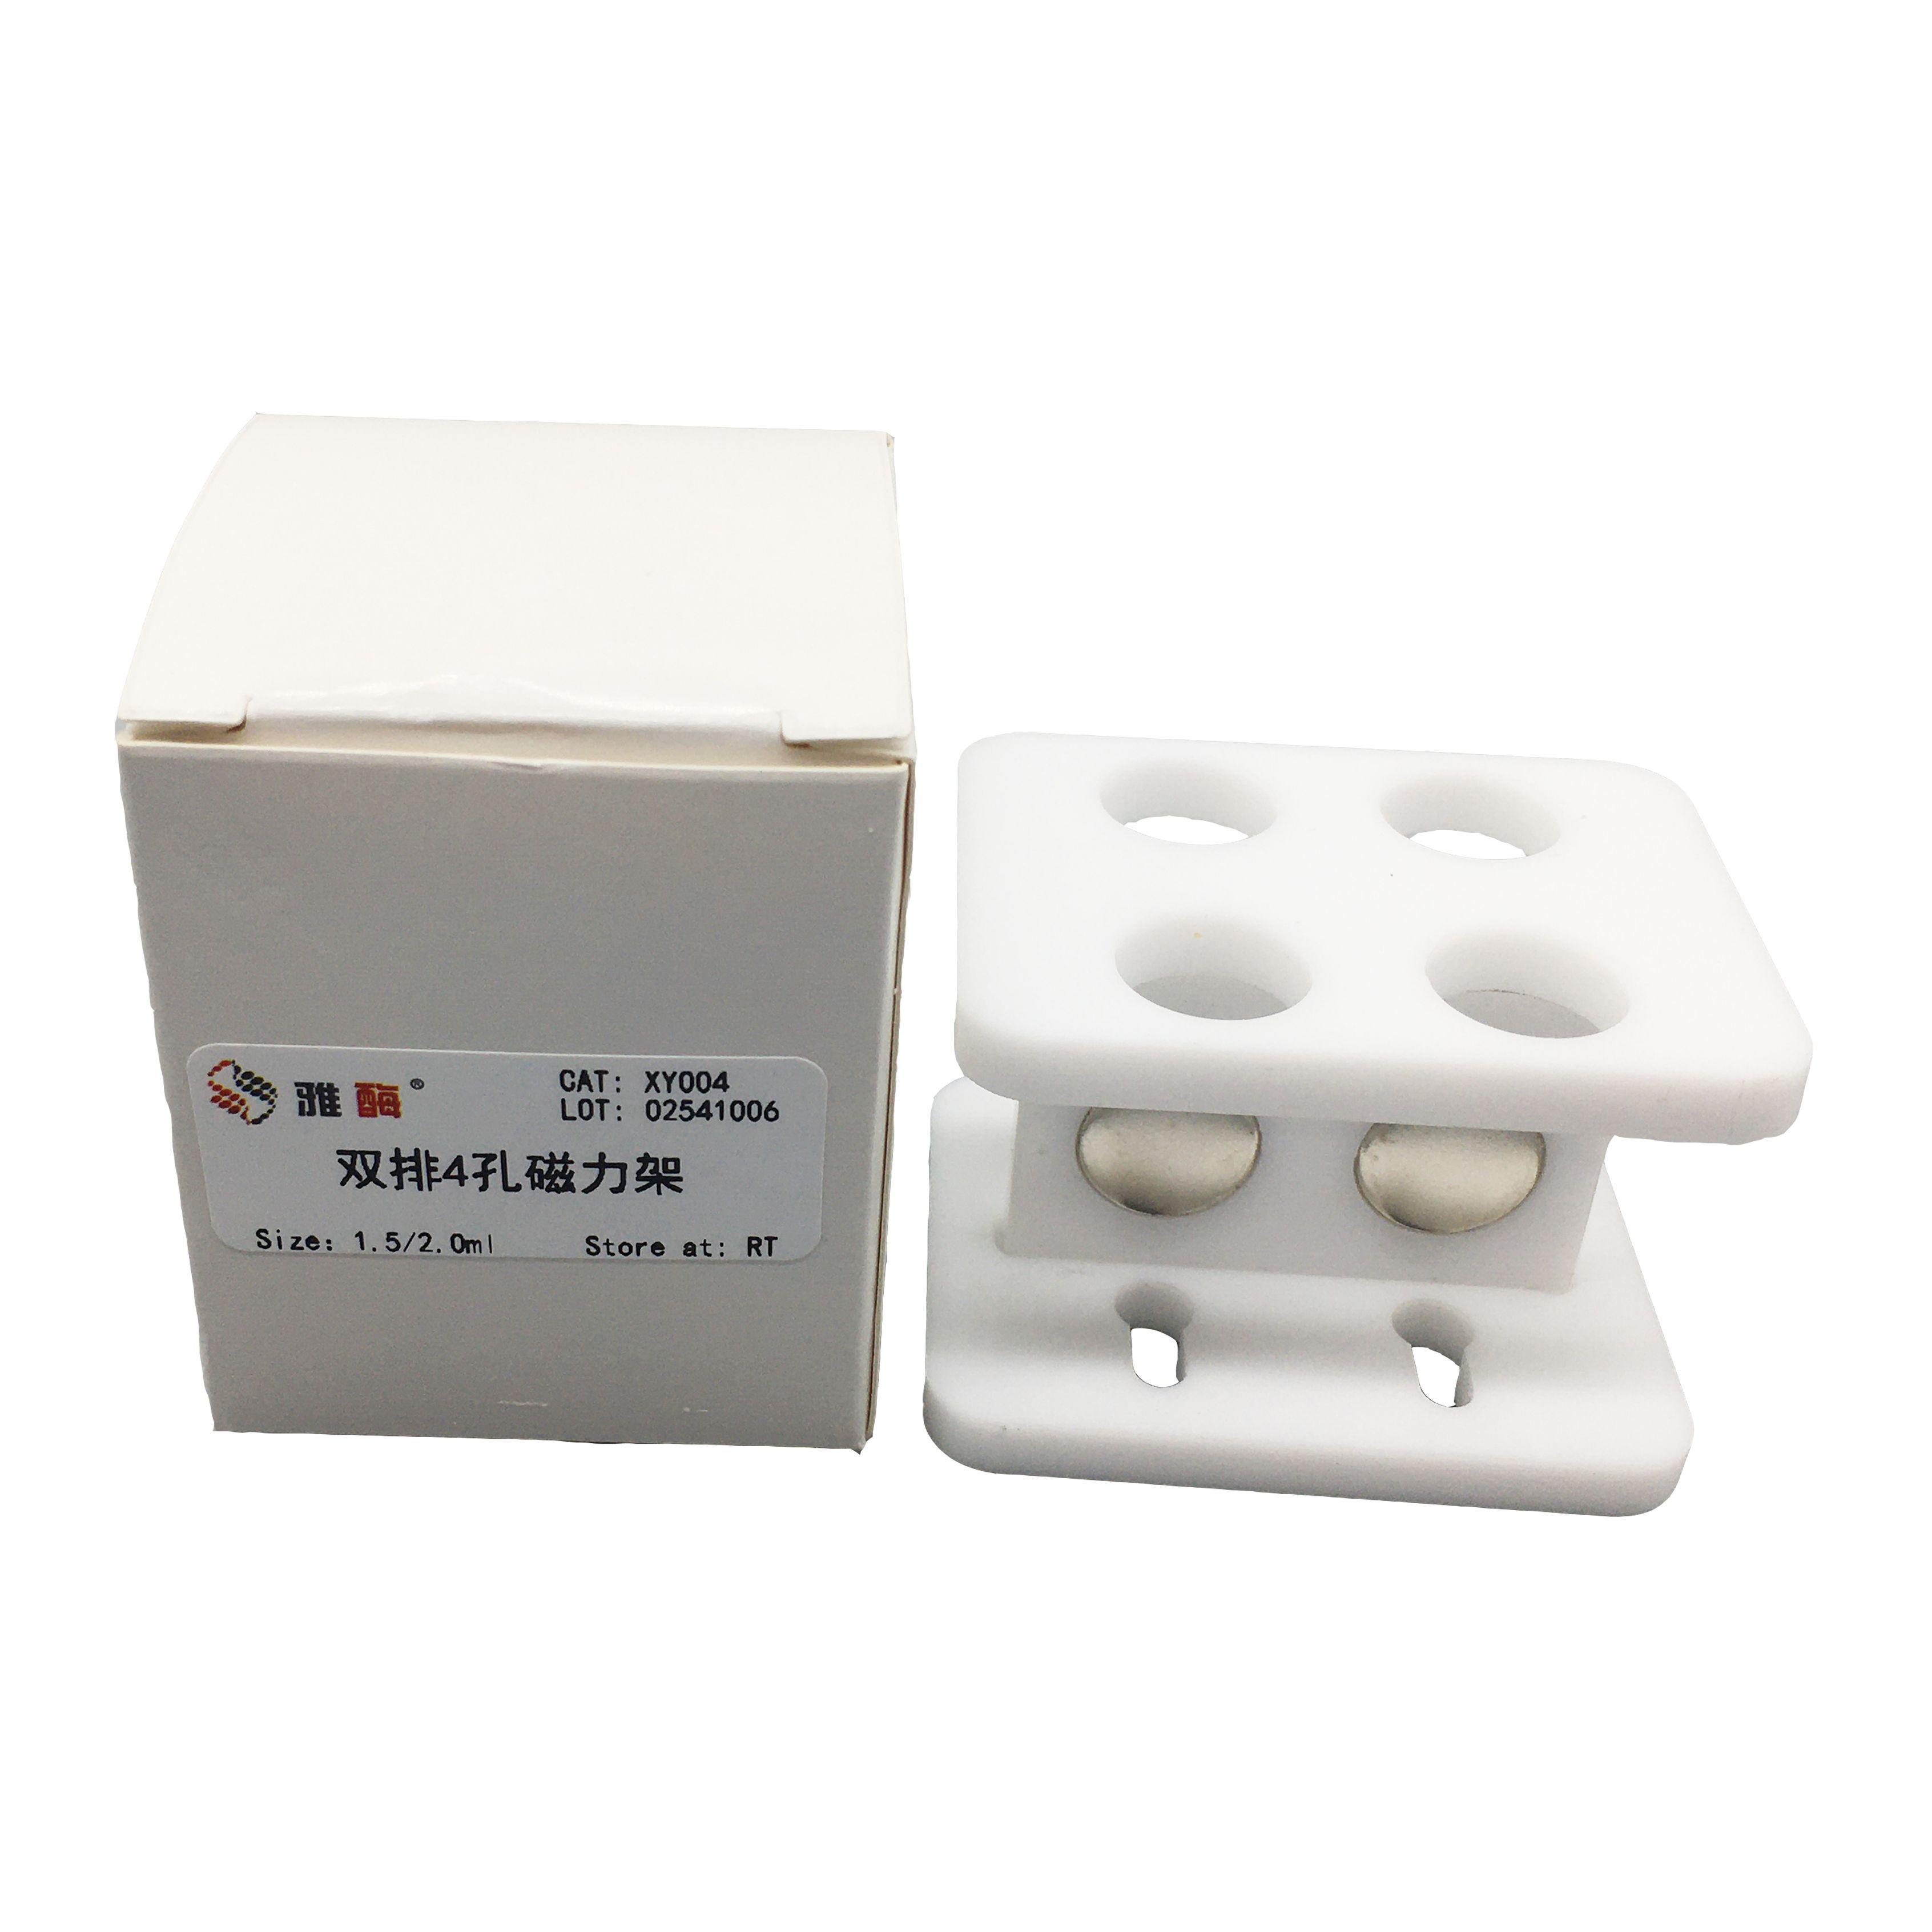 XY004 1.5mL/2.0mL 双排4孔磁力架